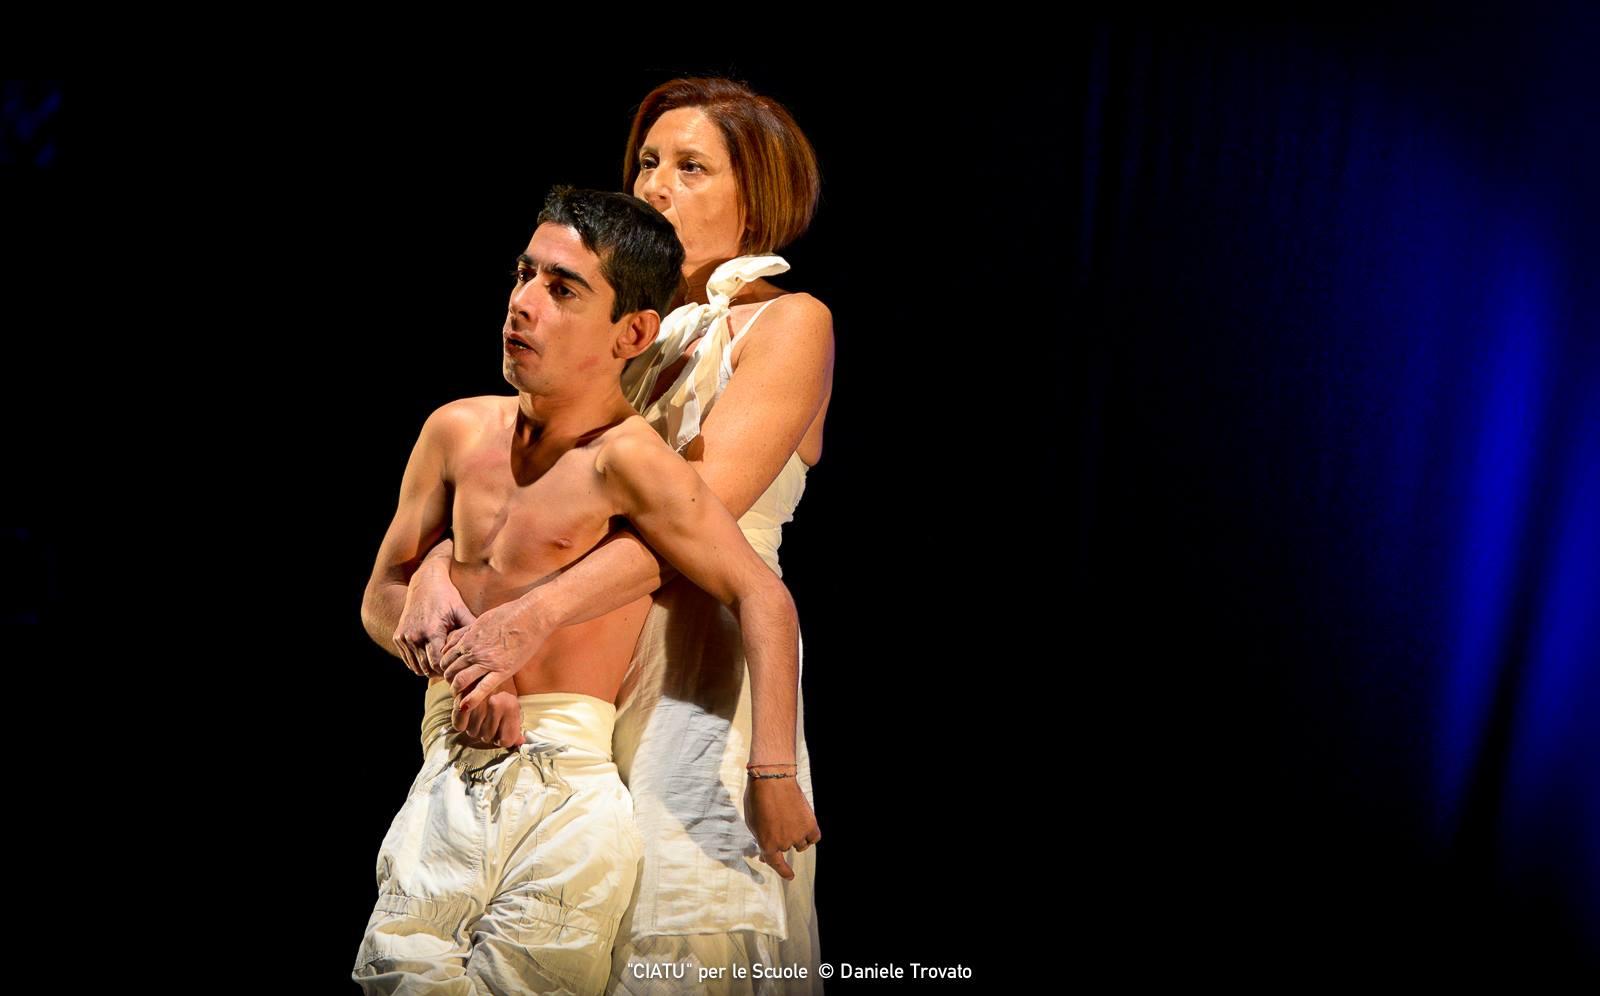 Danilo con Maria Stella Accolla in CIATU. Foto Daniele Trovato